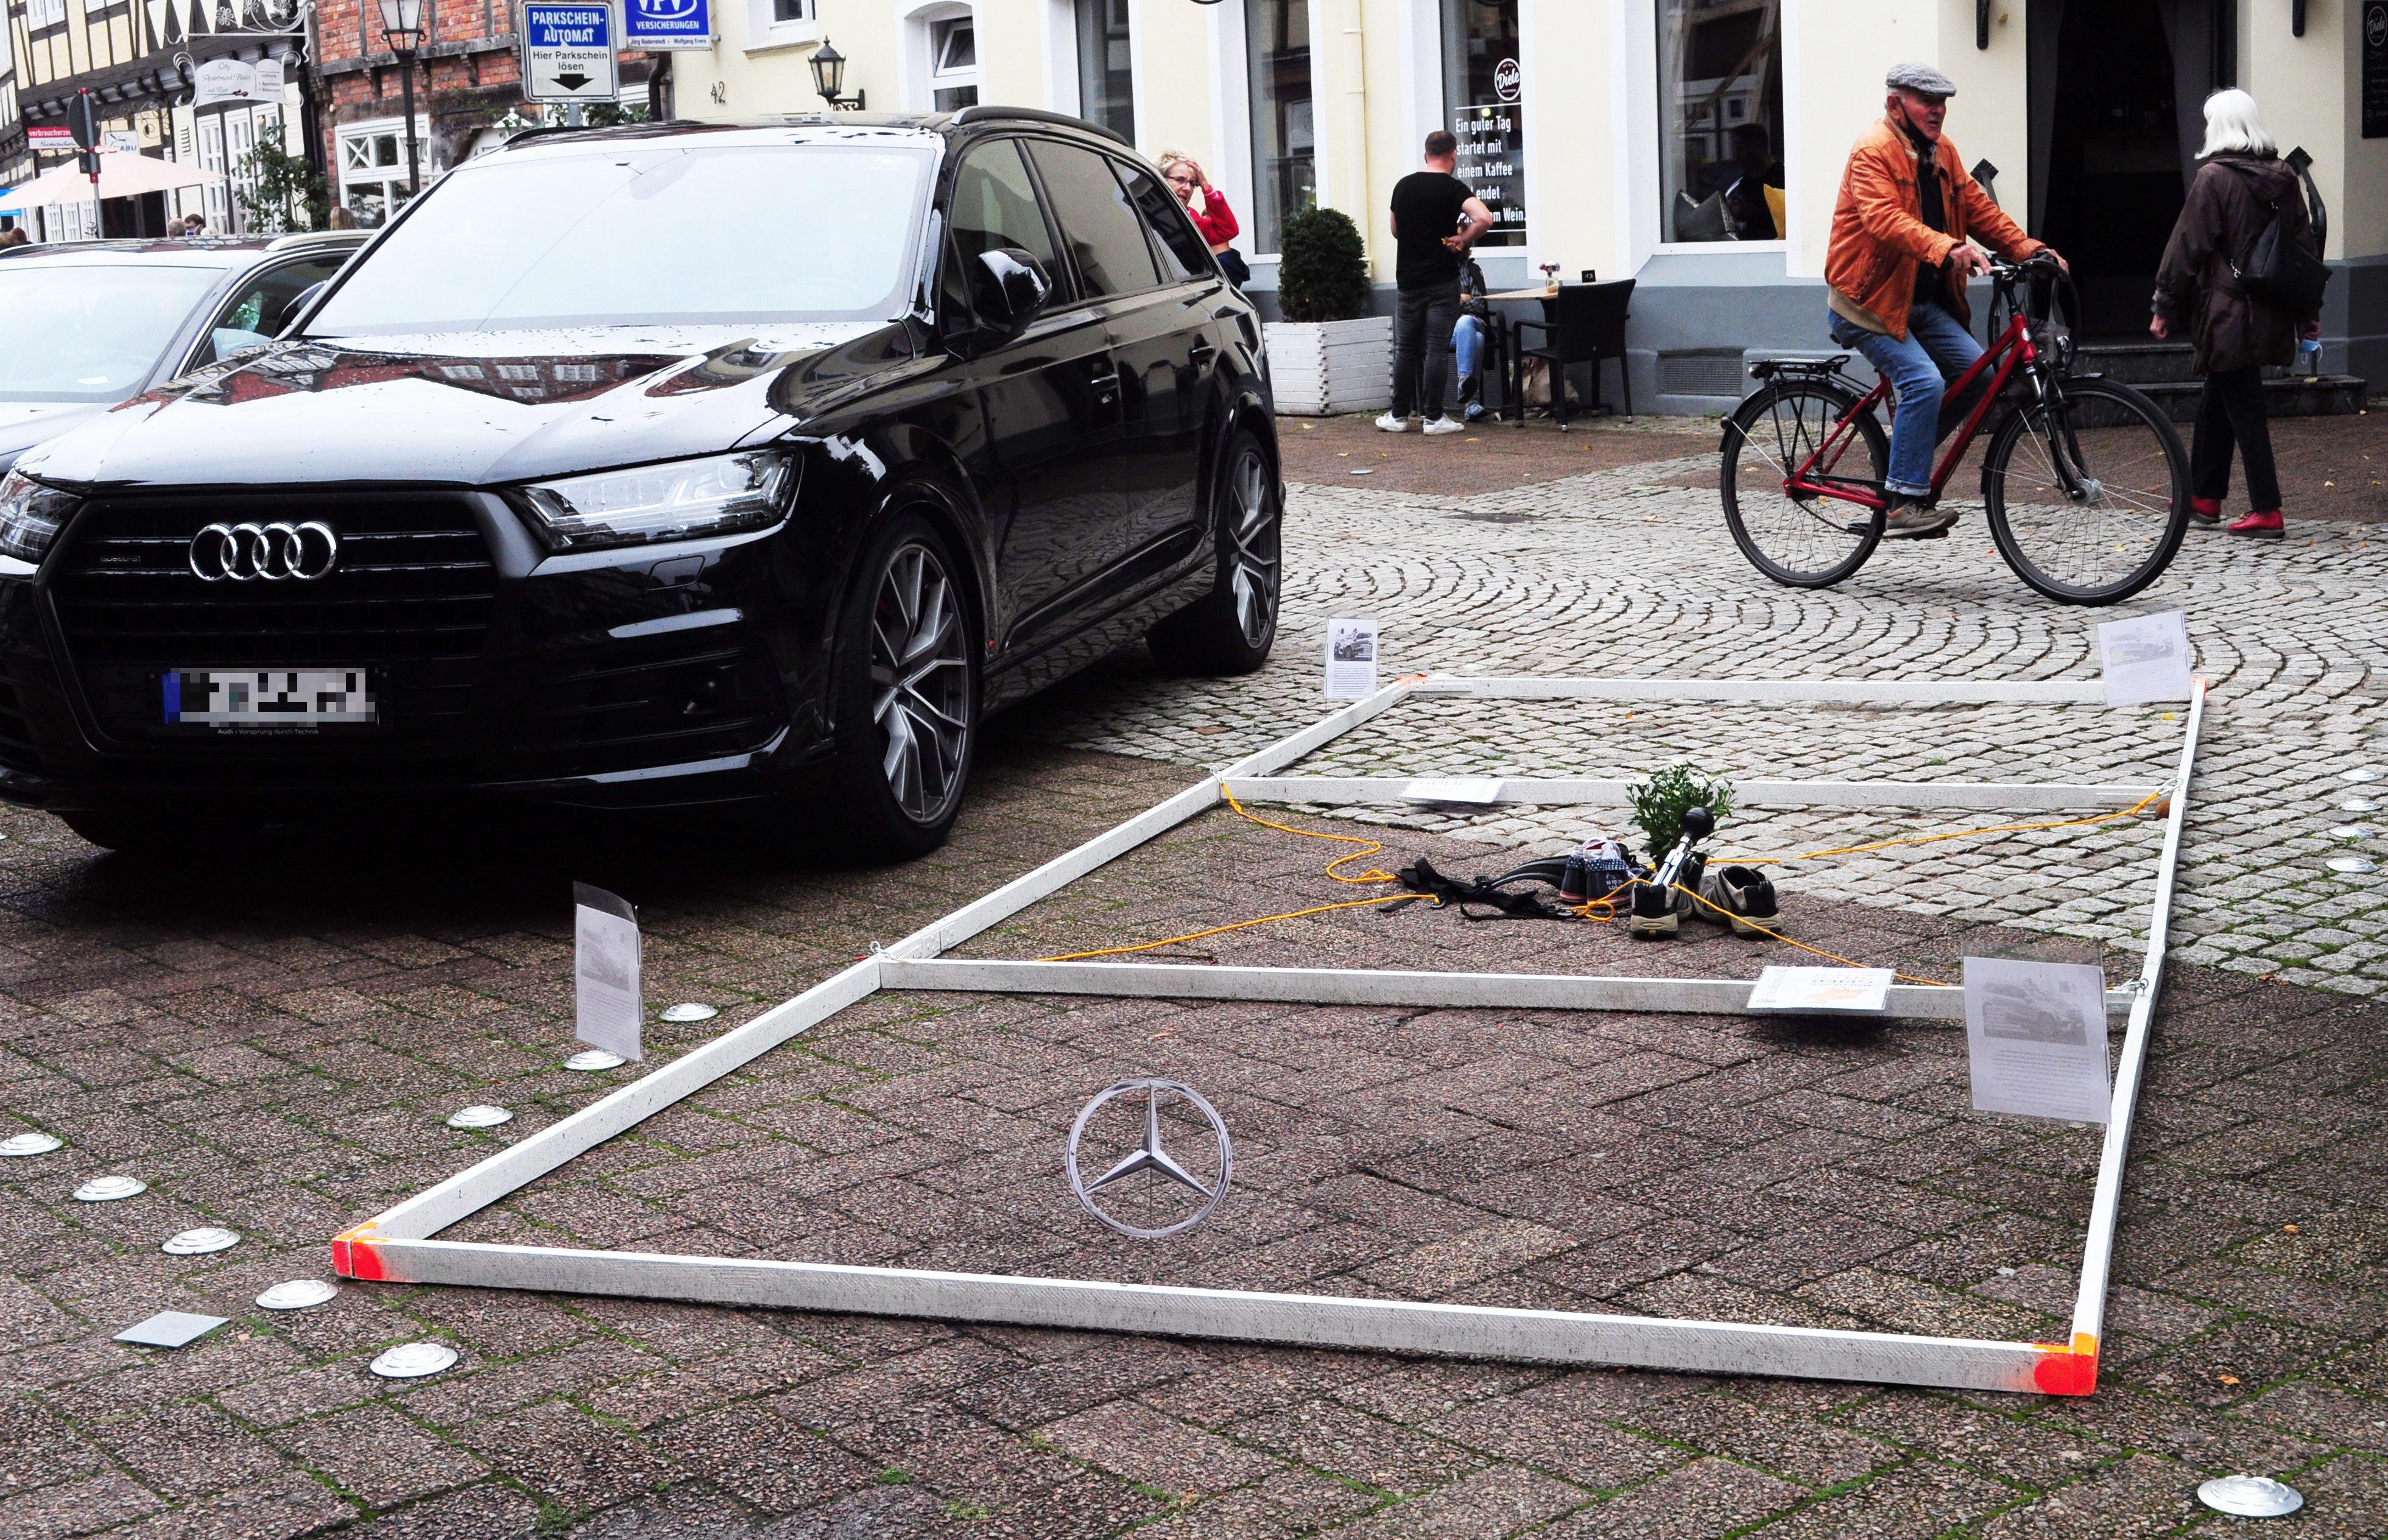 Partizipation vor Ort: ein parkendes Gehzeug an der 12qmKULTUR Veranstaltung in Celle